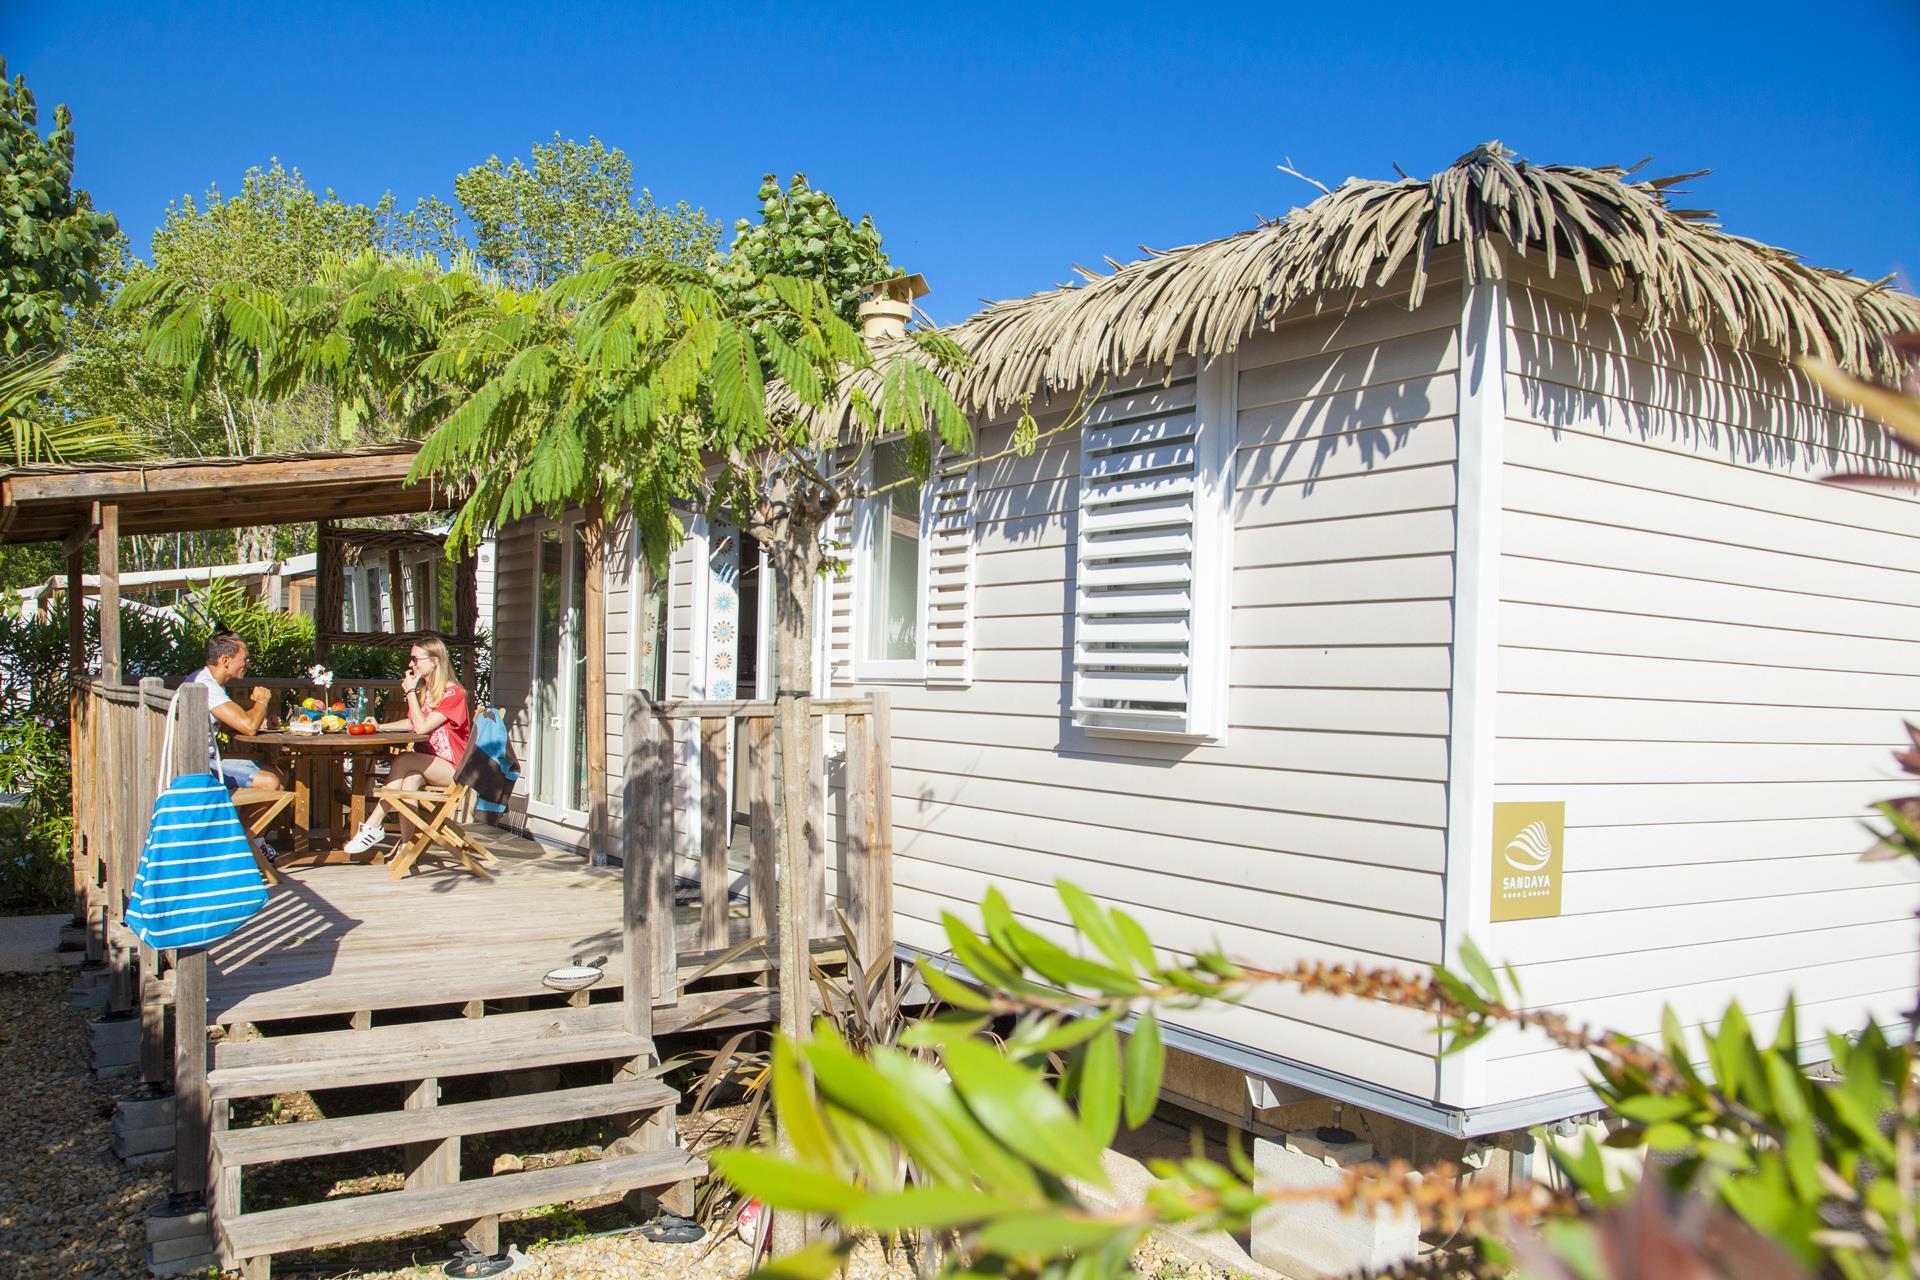 Location - Cottage Tropical 3 Chambres Climatisé Premium - Camping Sandaya Riviera d'Azur